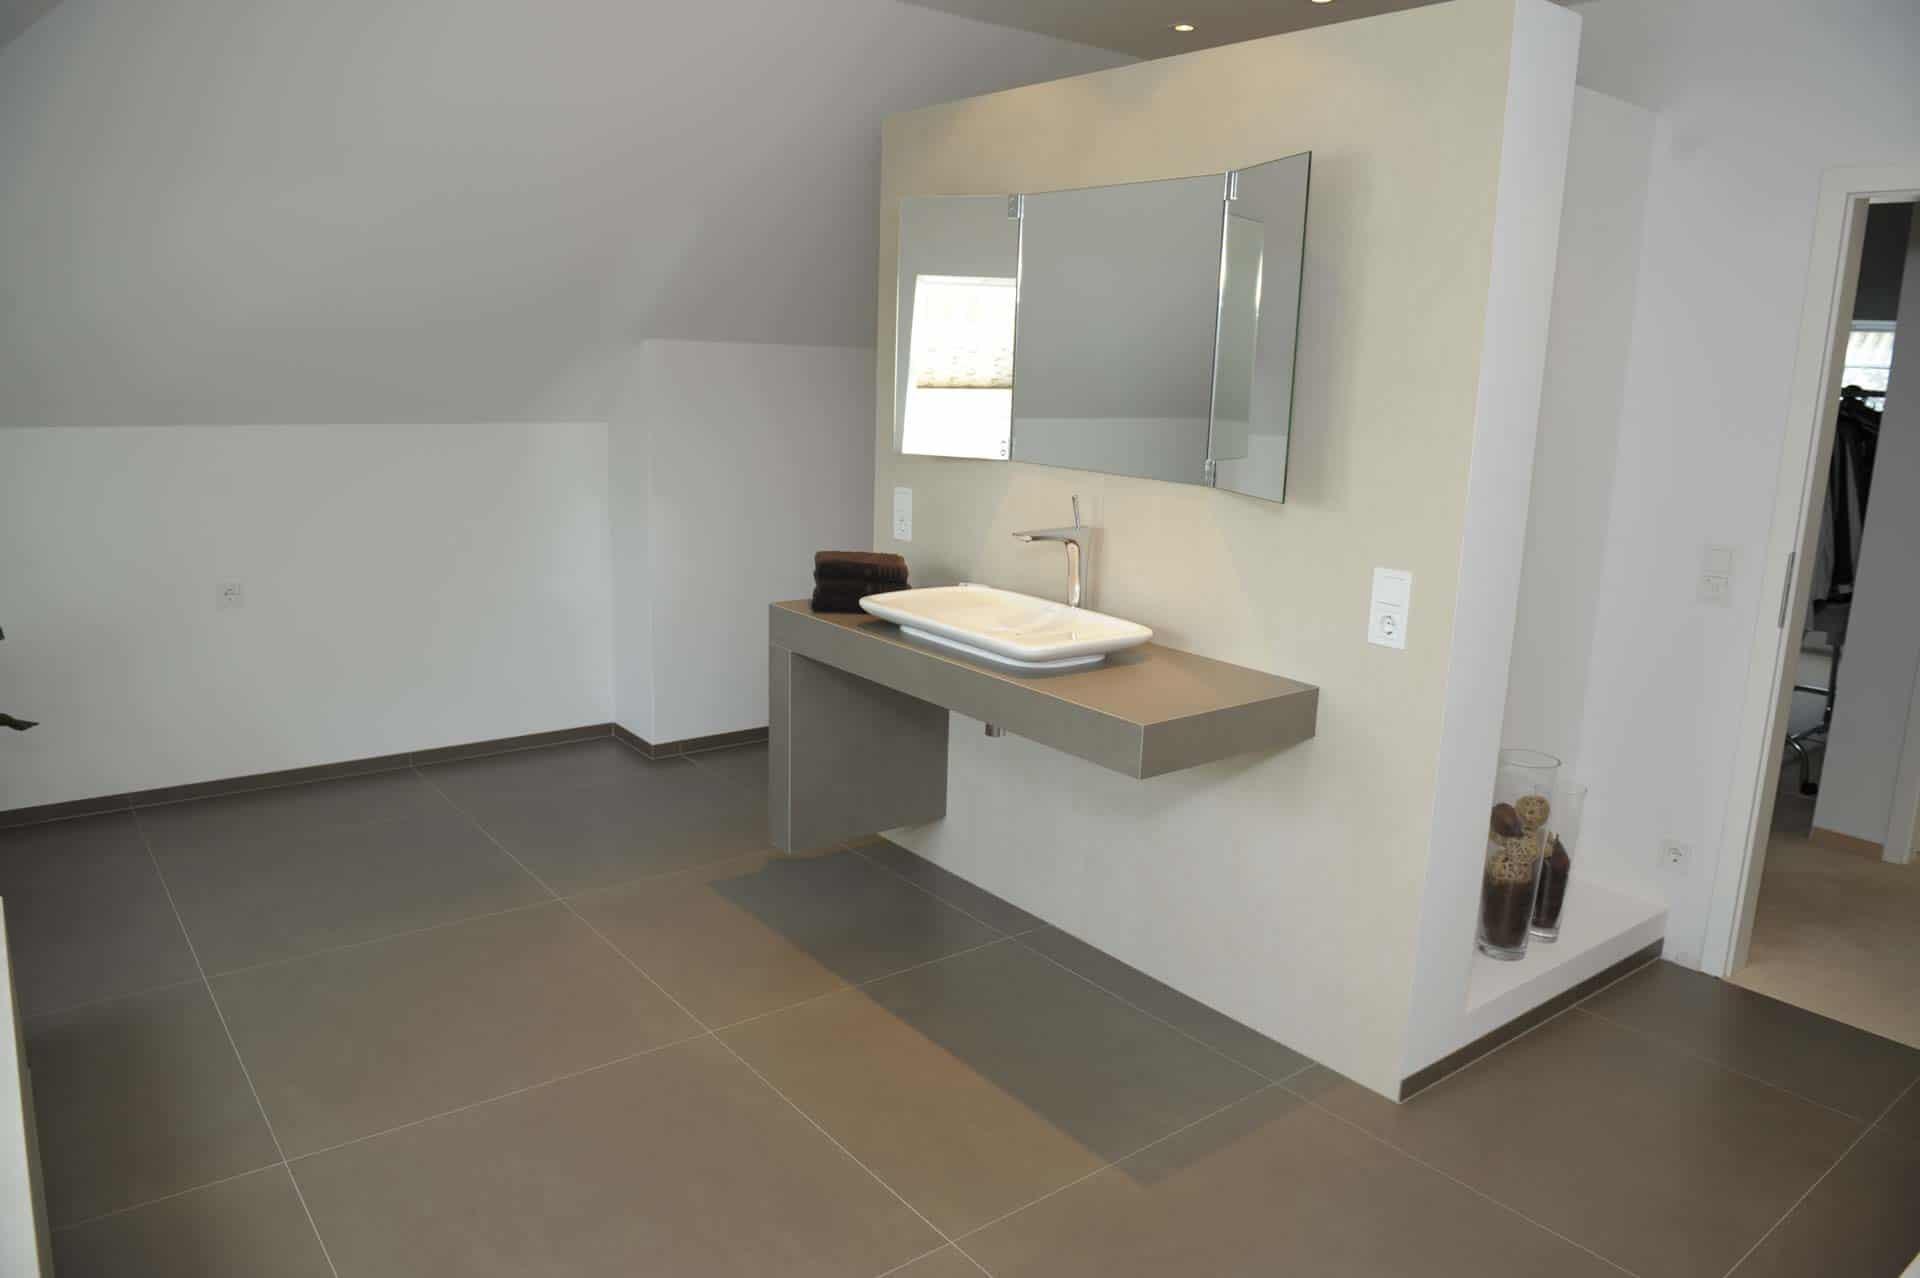 Fliesen für Wohnraum und Badezimmer |